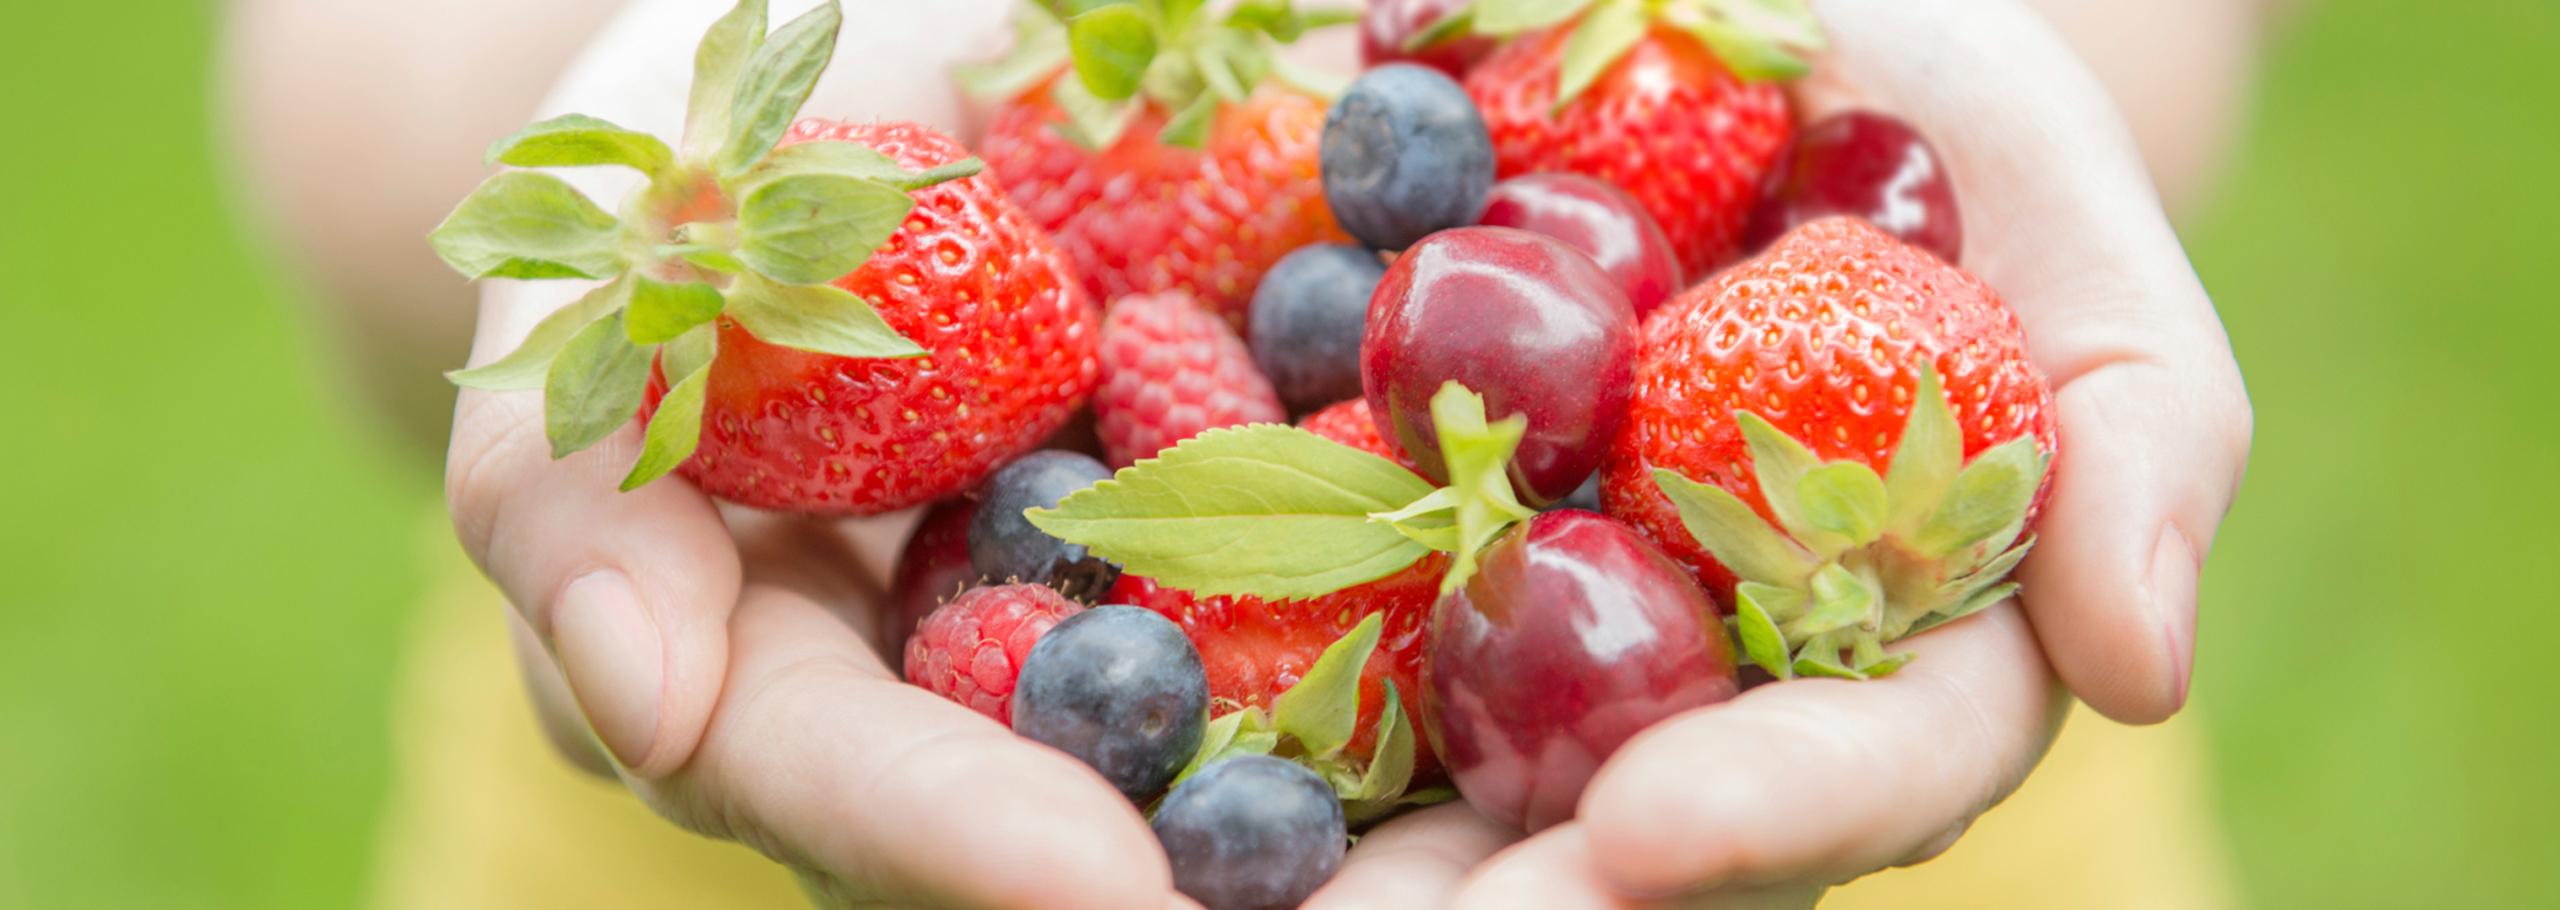 al servei de nutrició de BodyViu t'ajudem a aconseguir els teus objectius de forma equilibrada i amb resultats reals